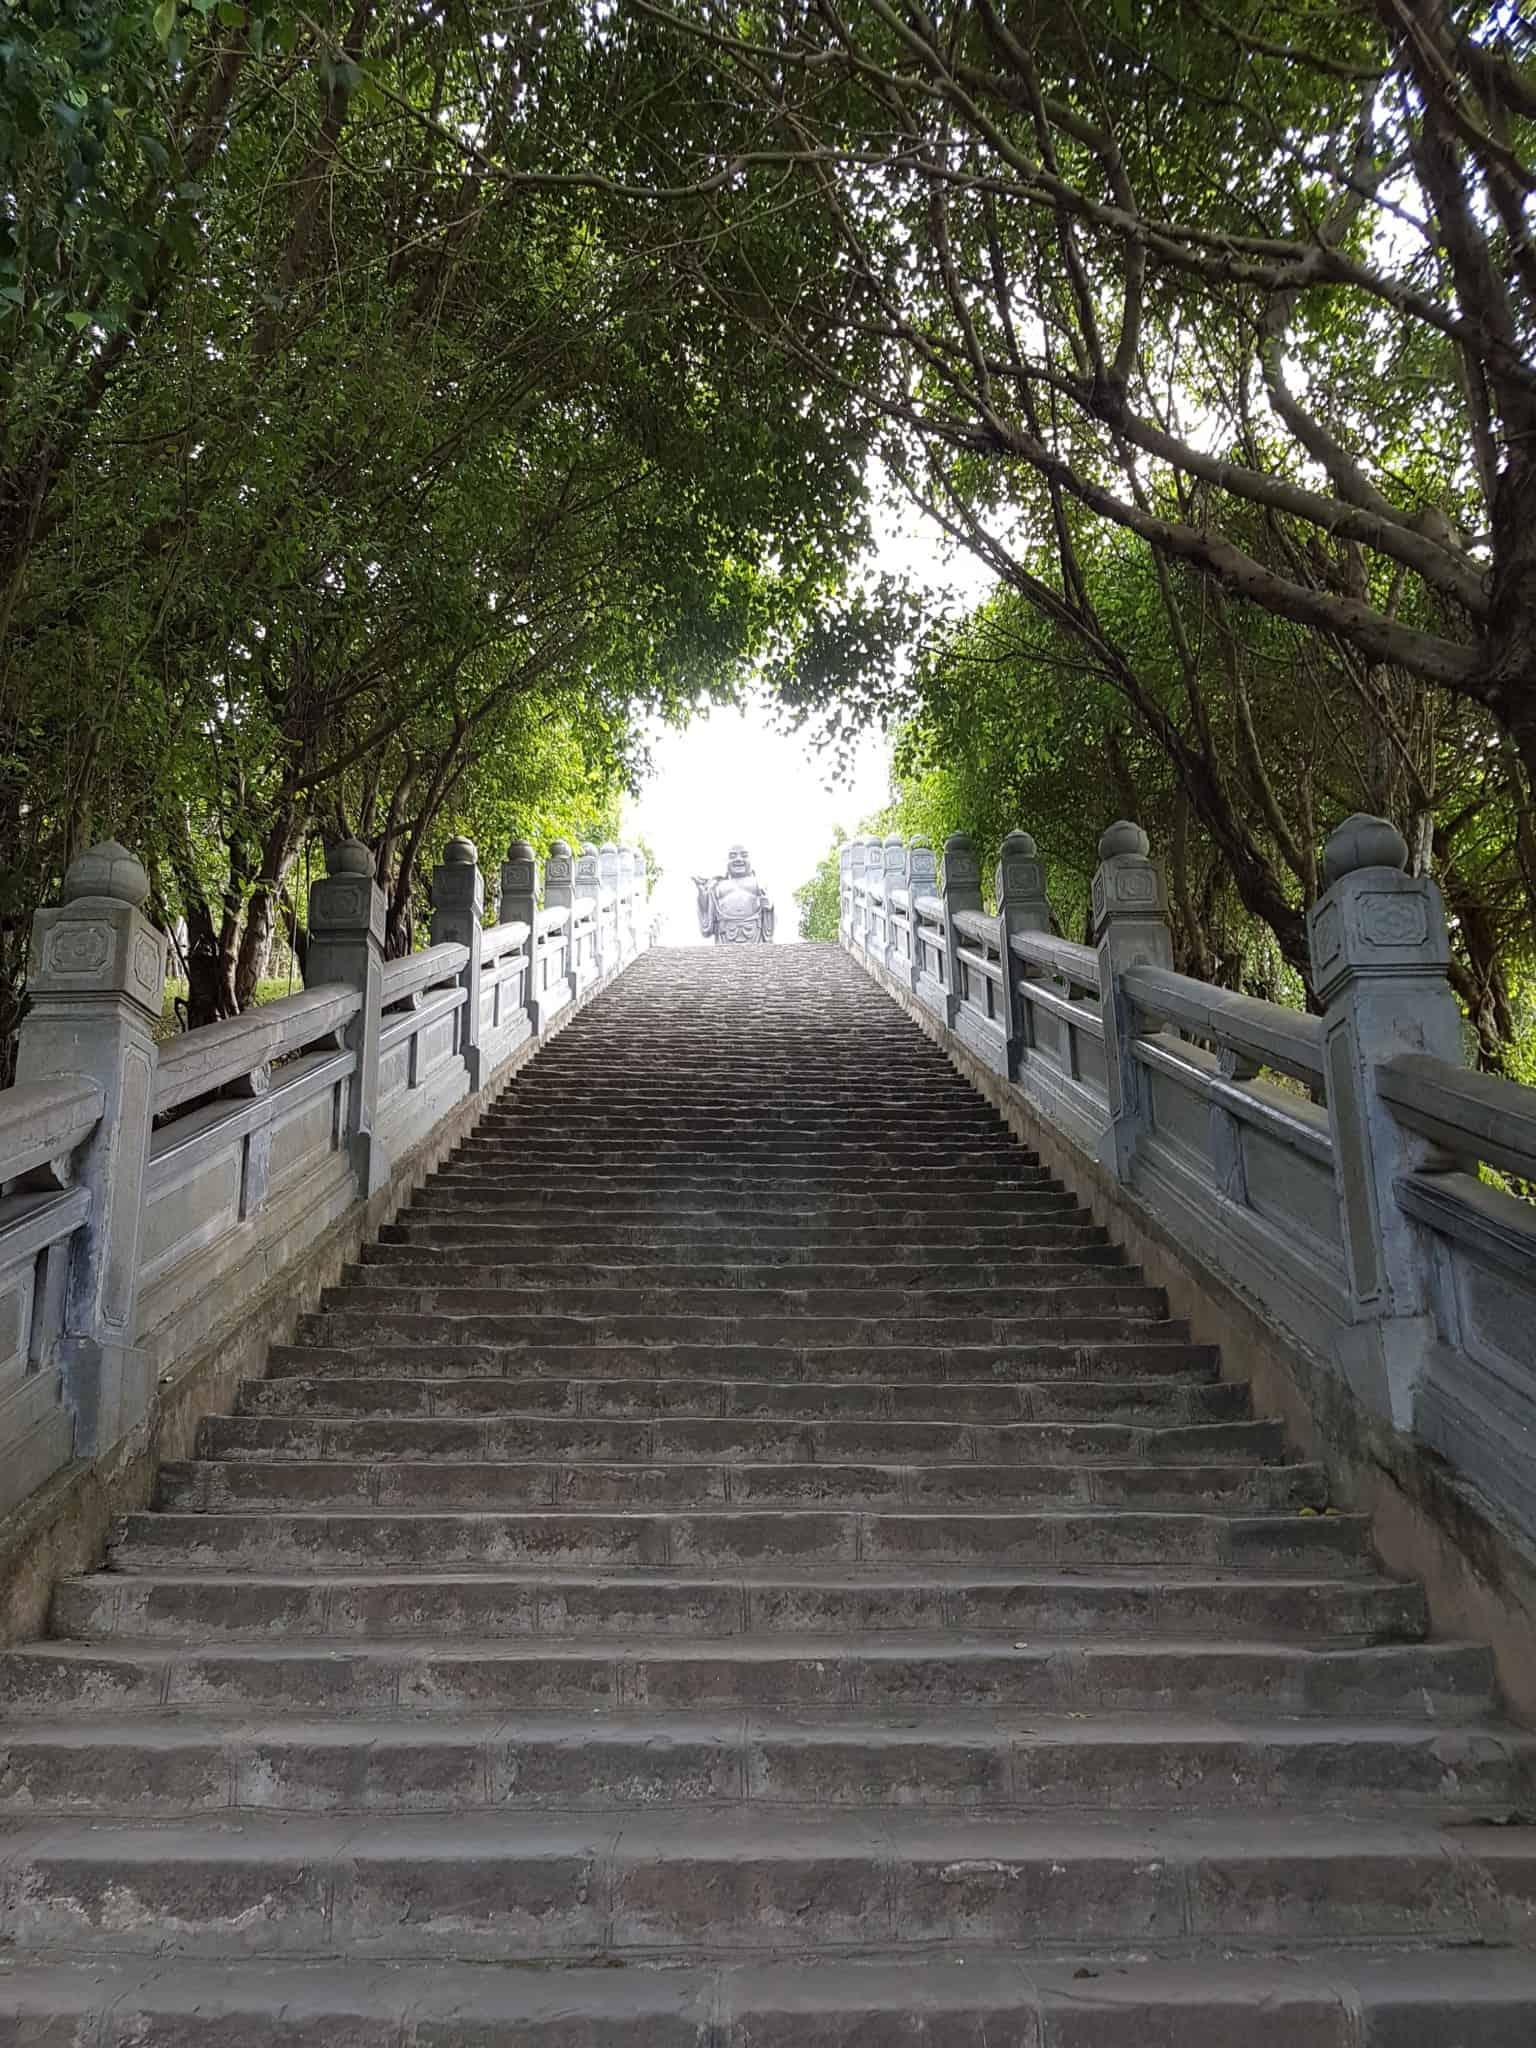 Vietnam, l'incontournable temple de Bai Dinh aux 500 statues 🛕 27